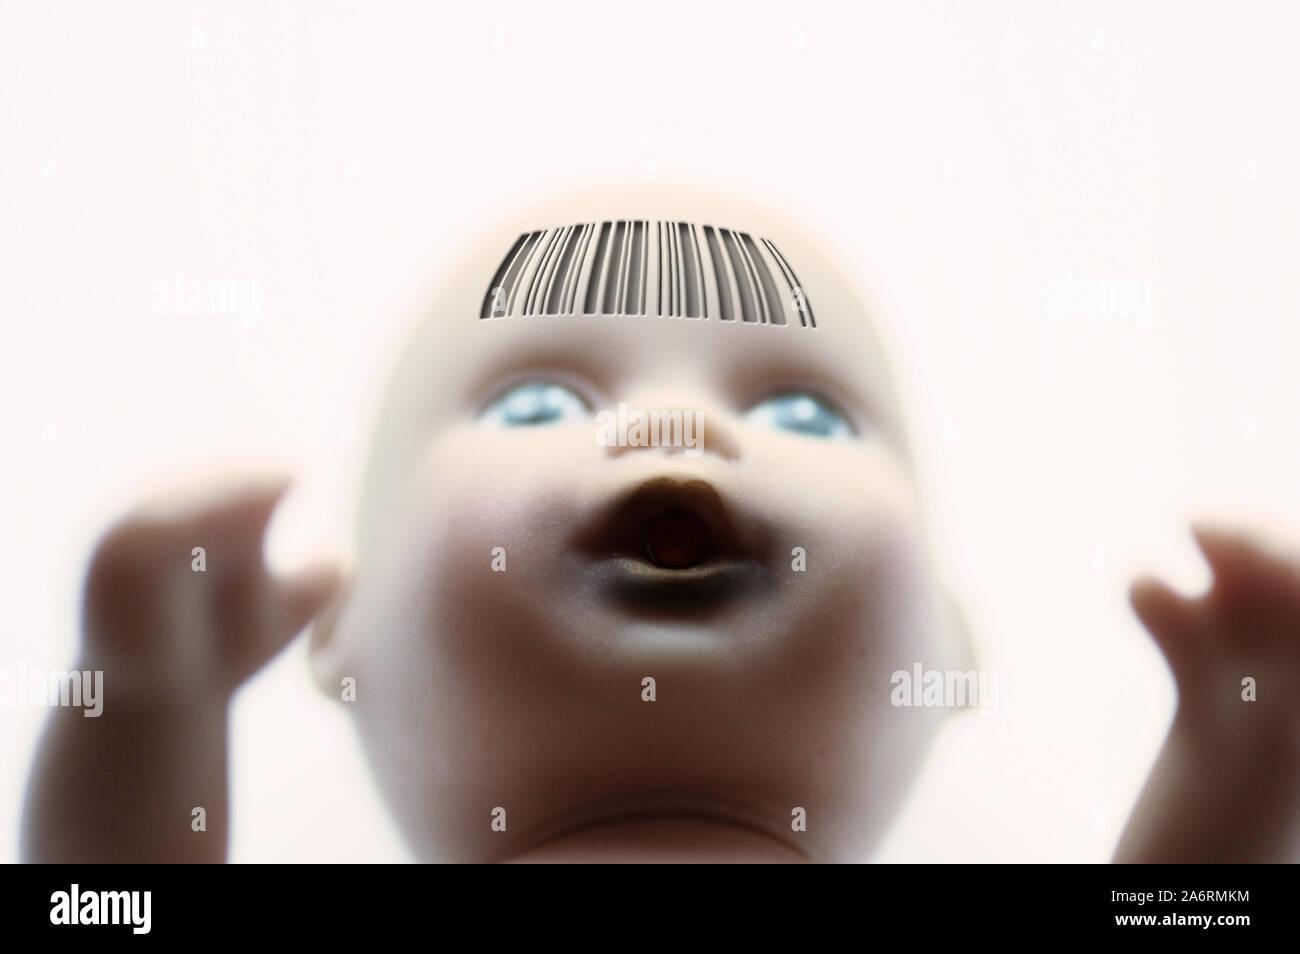 Baby doll face con un código de barras, grabado en el frente - Concepto de la clonación humana Foto de stock